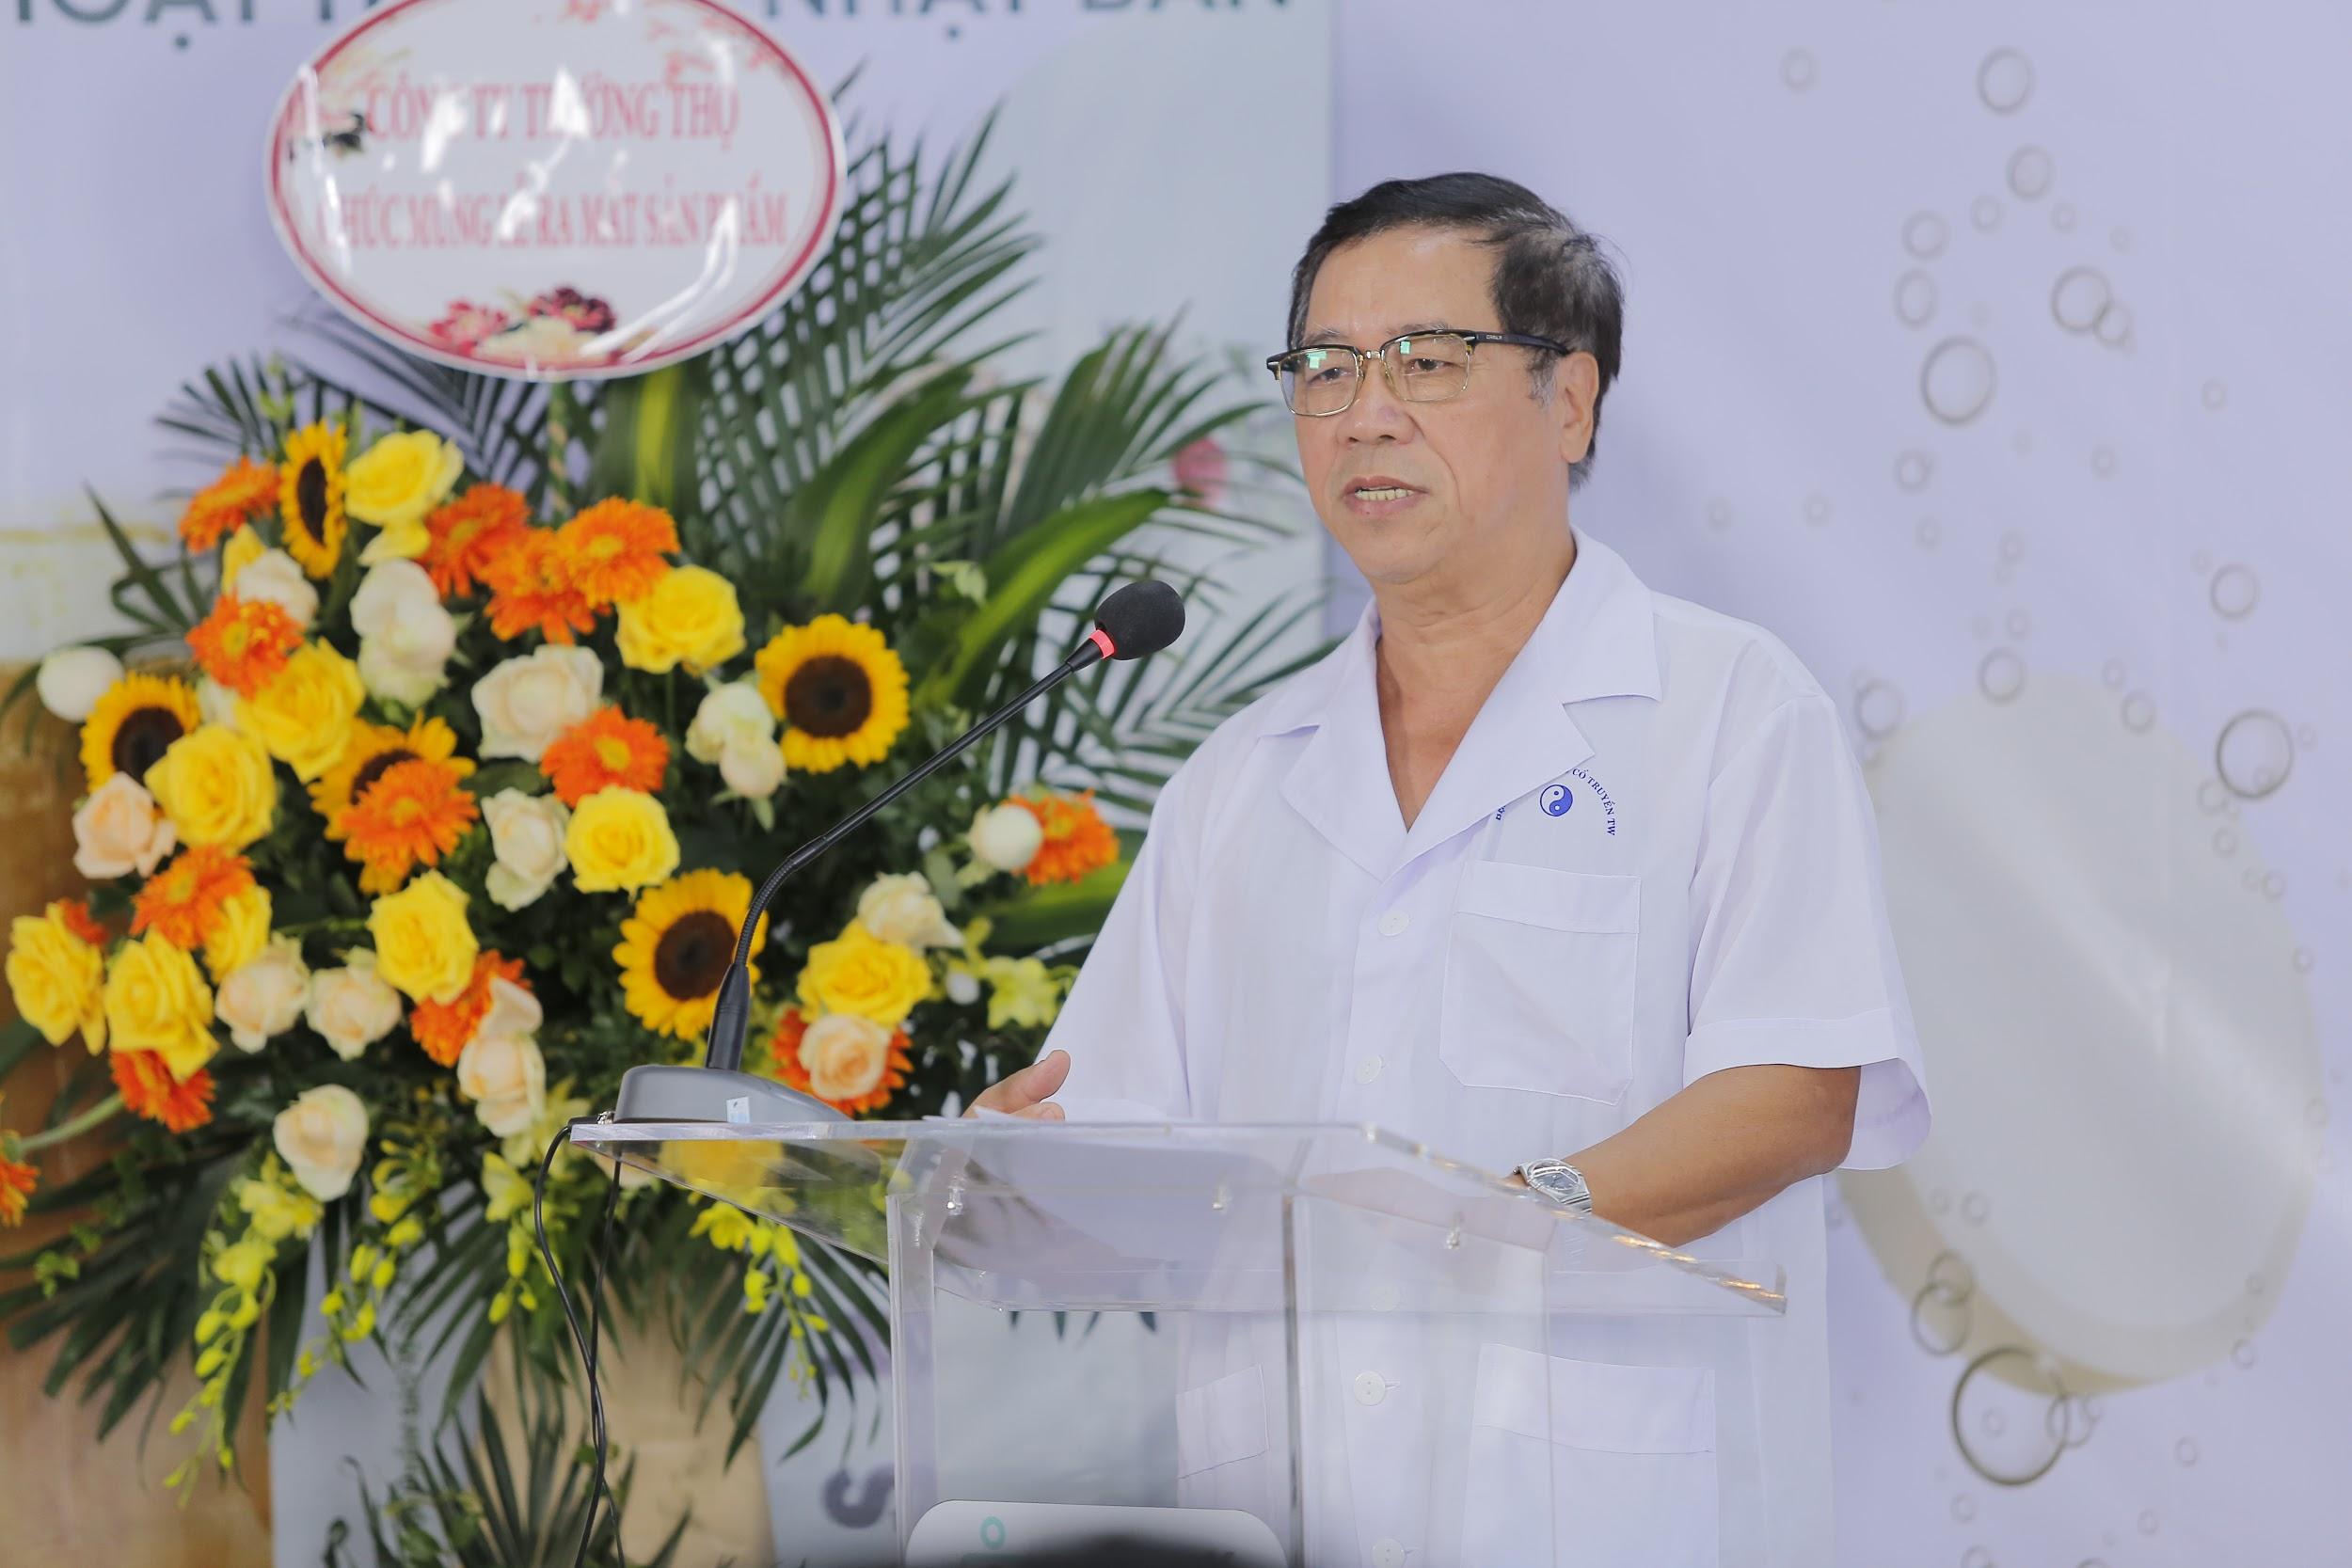 Viên sủi Shioka được nguyên Giám đốc Bệnh viện Y học Cổ truyền Trung ương khẳng định chất lượng - Ảnh 4